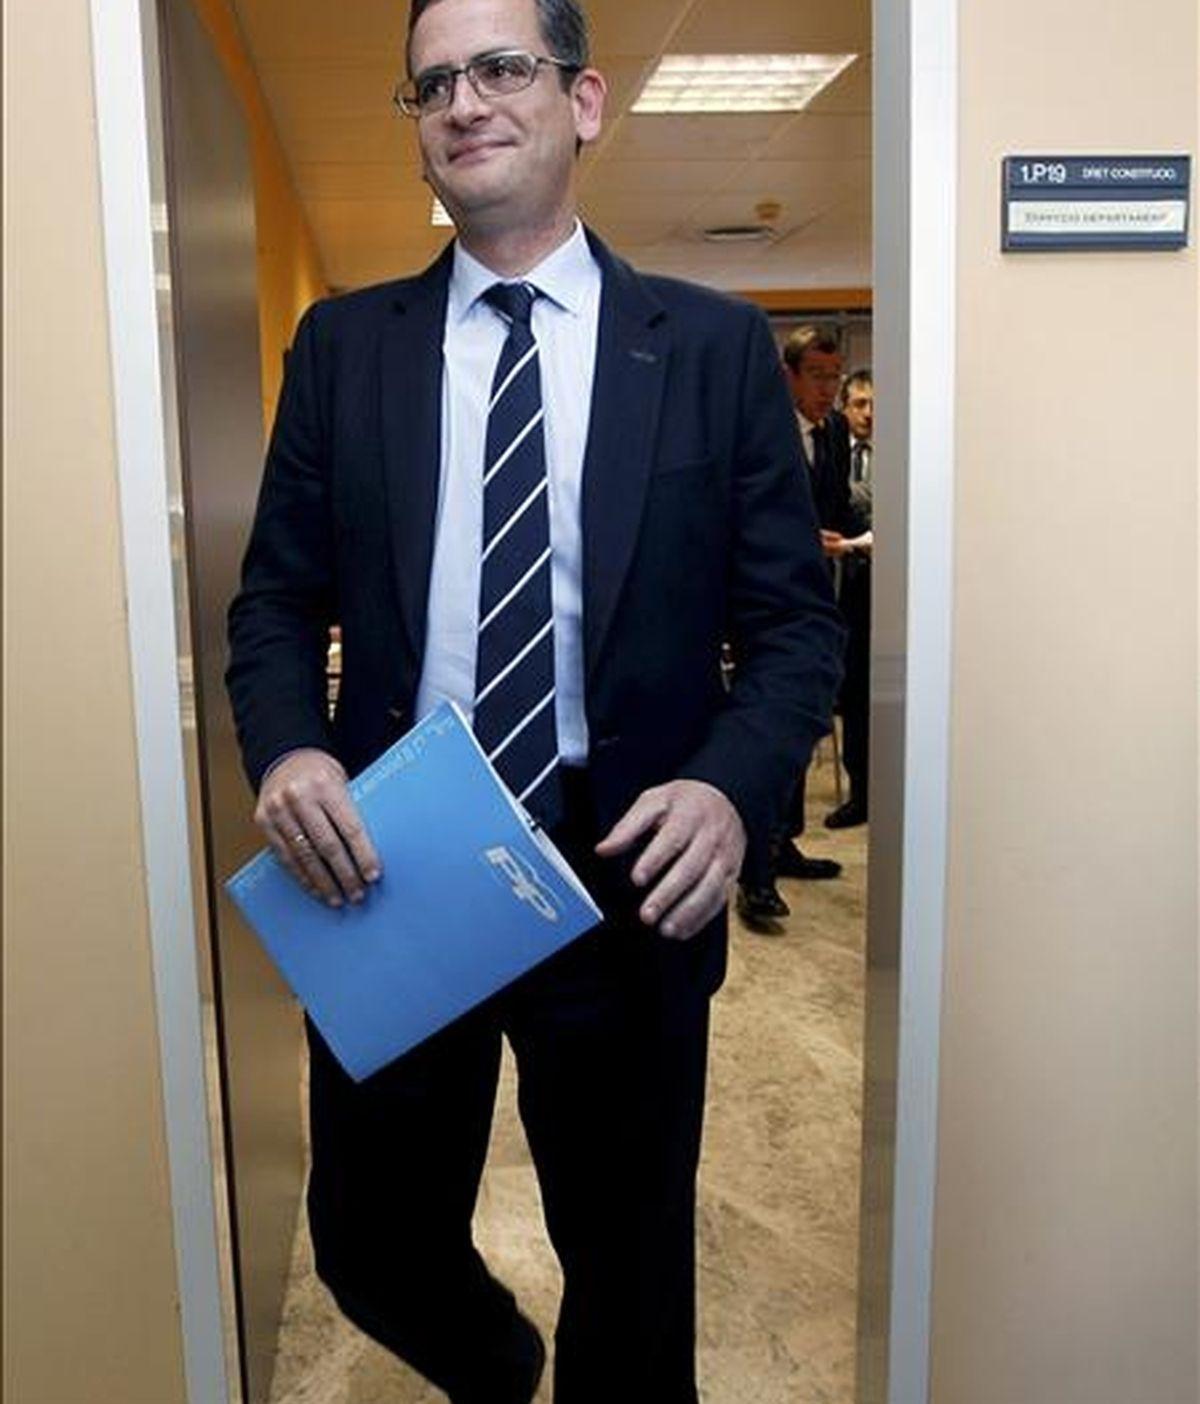 El presidente del PP del País Vasco, Antonio Basagoiti. EFE/Archivo